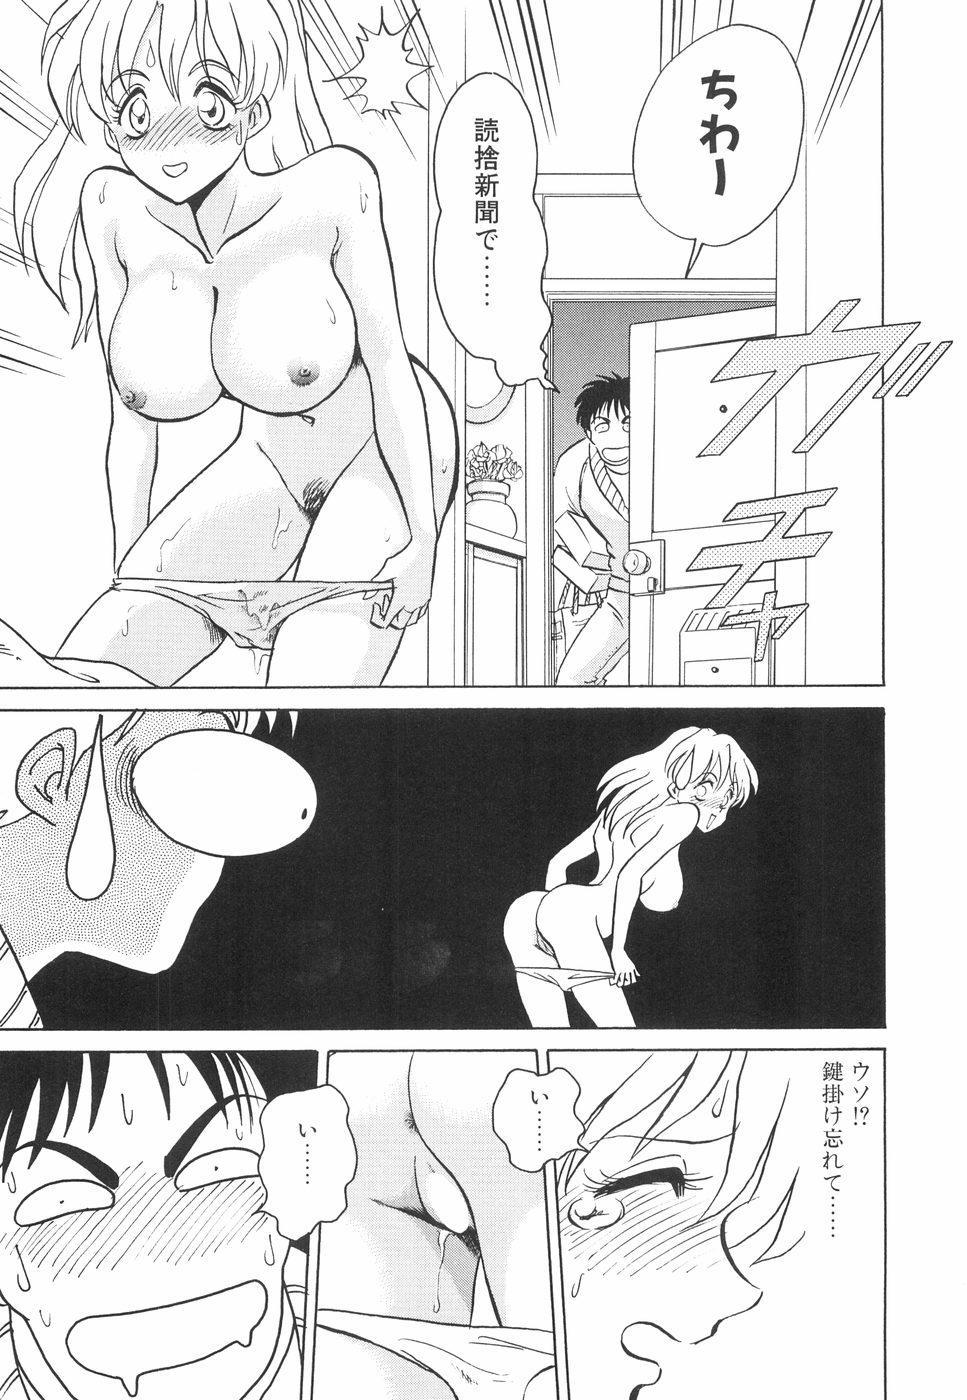 Hazukashime no Jikan 111